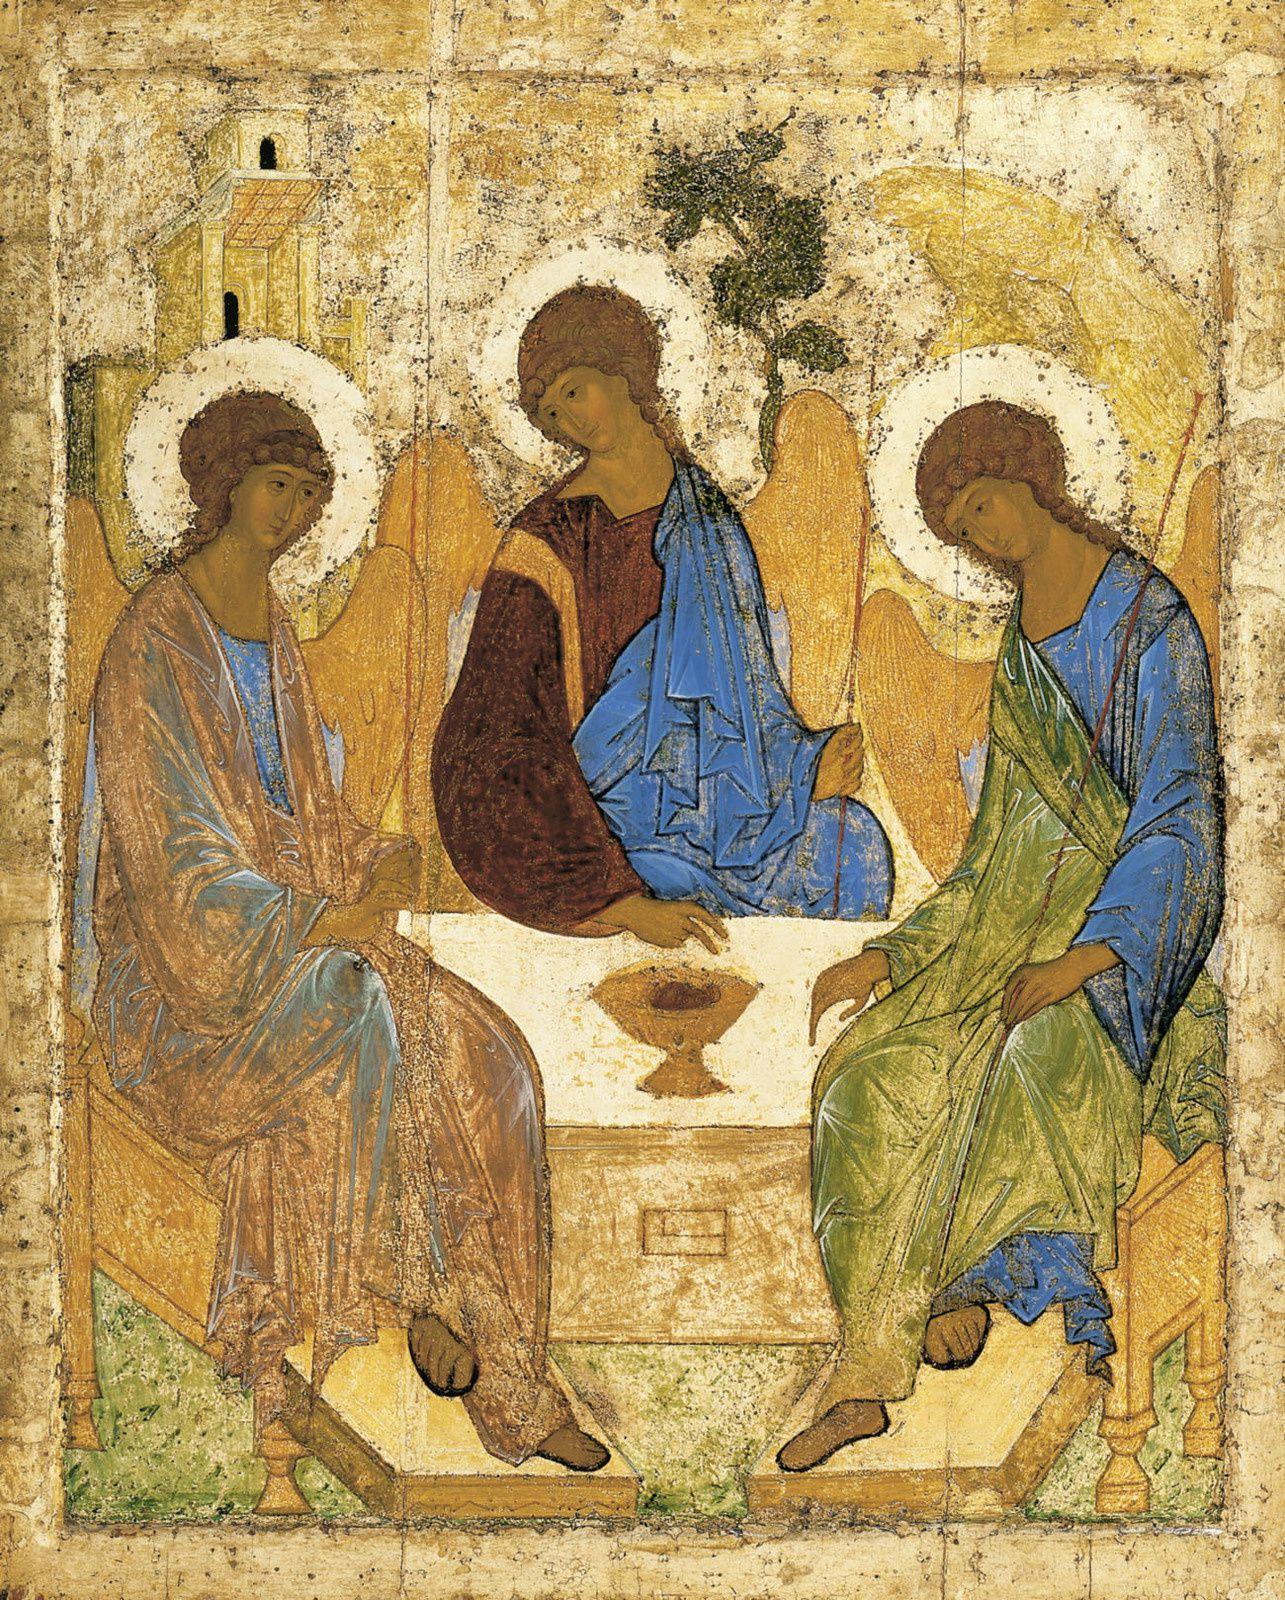 Homélie du dimanche 16 juin 2019, Fête de la Sainte Trinité